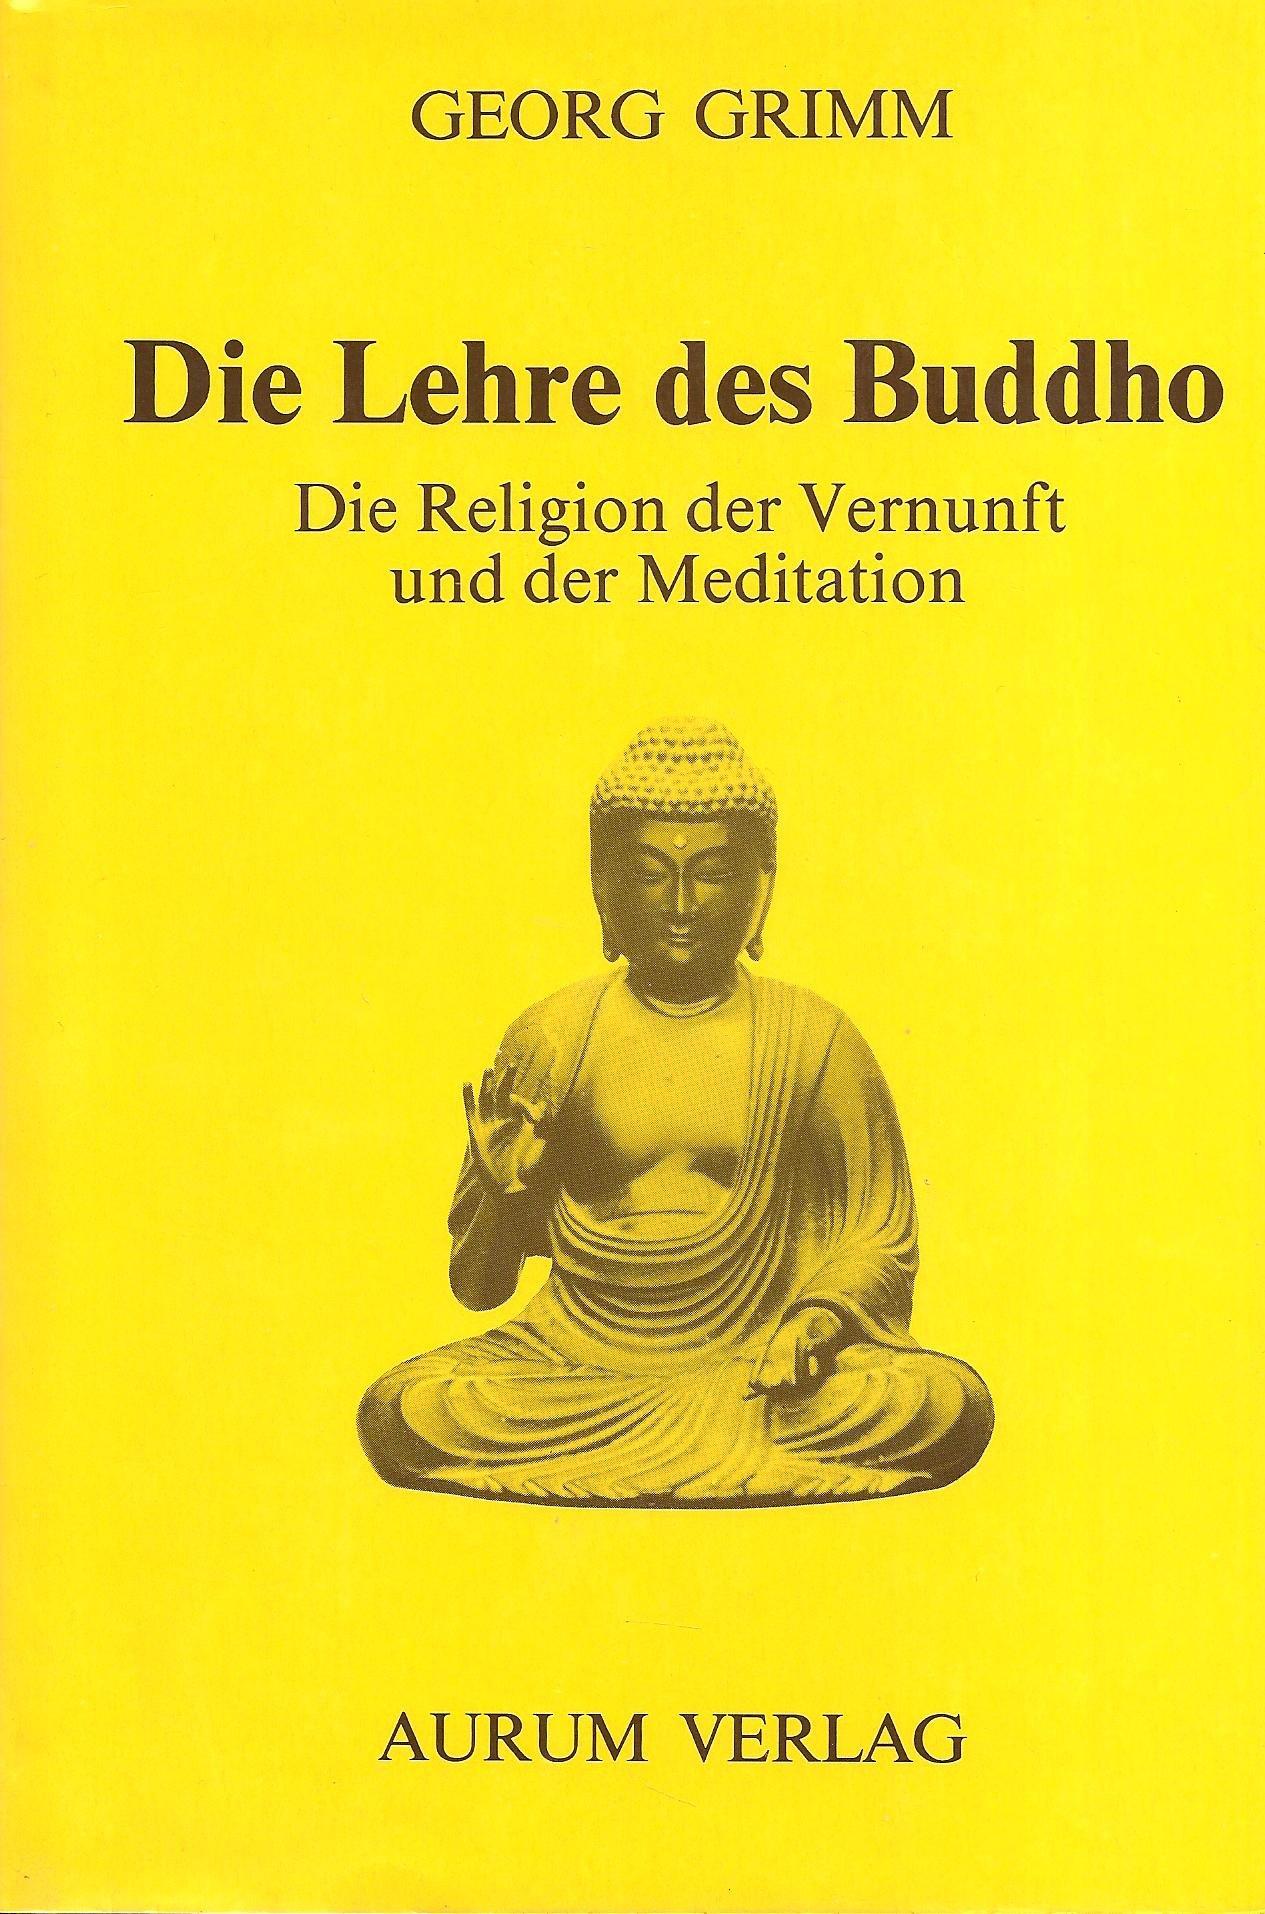 Die Lehre des Buddho. Die Religion der Vernunft und der Meditation